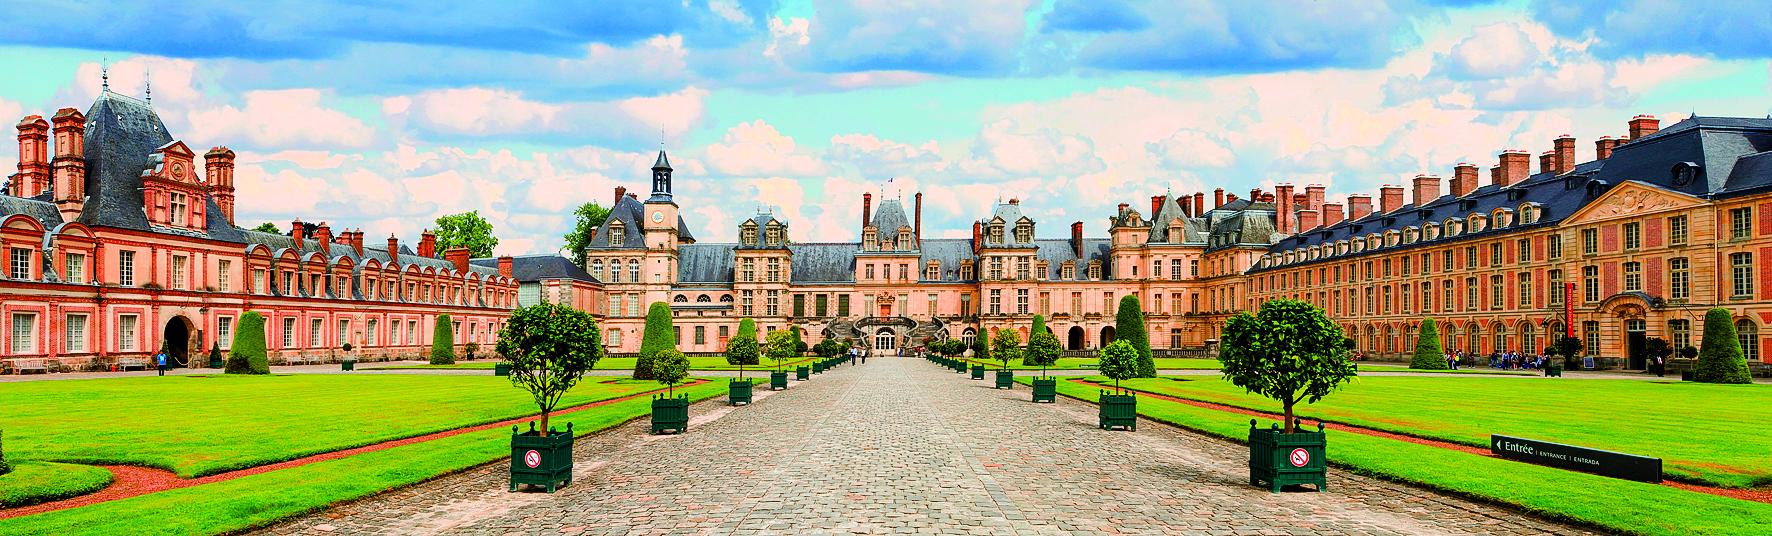 楓丹白露宮:法國文藝復興的靈感之源